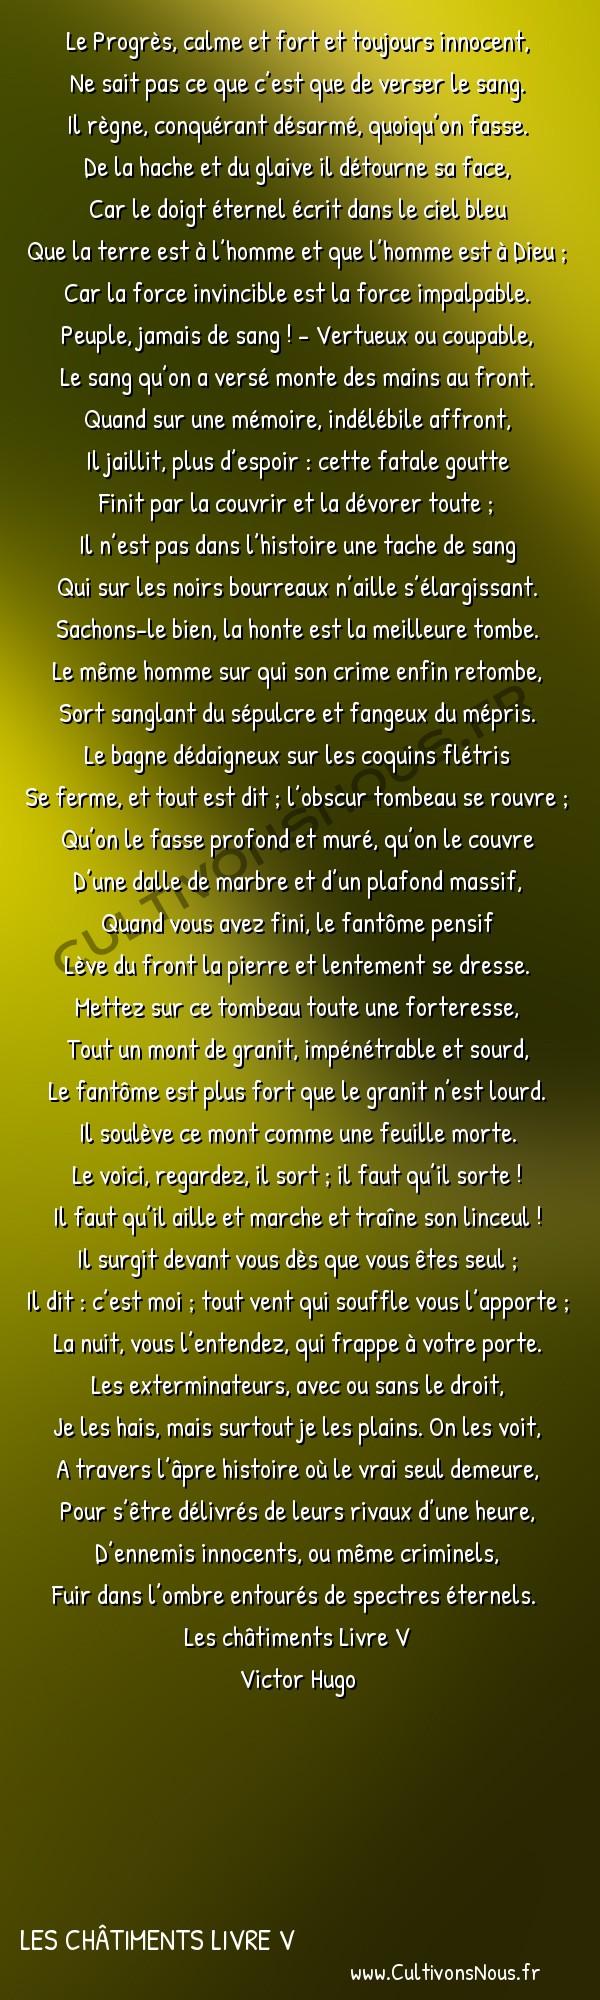 Poésie Victor Hugo - Les châtiments Livre V - Le Progrès calme et fort -  Le Progrès, calme et fort et toujours innocent, Ne sait pas ce que c'est que de verser le sang.